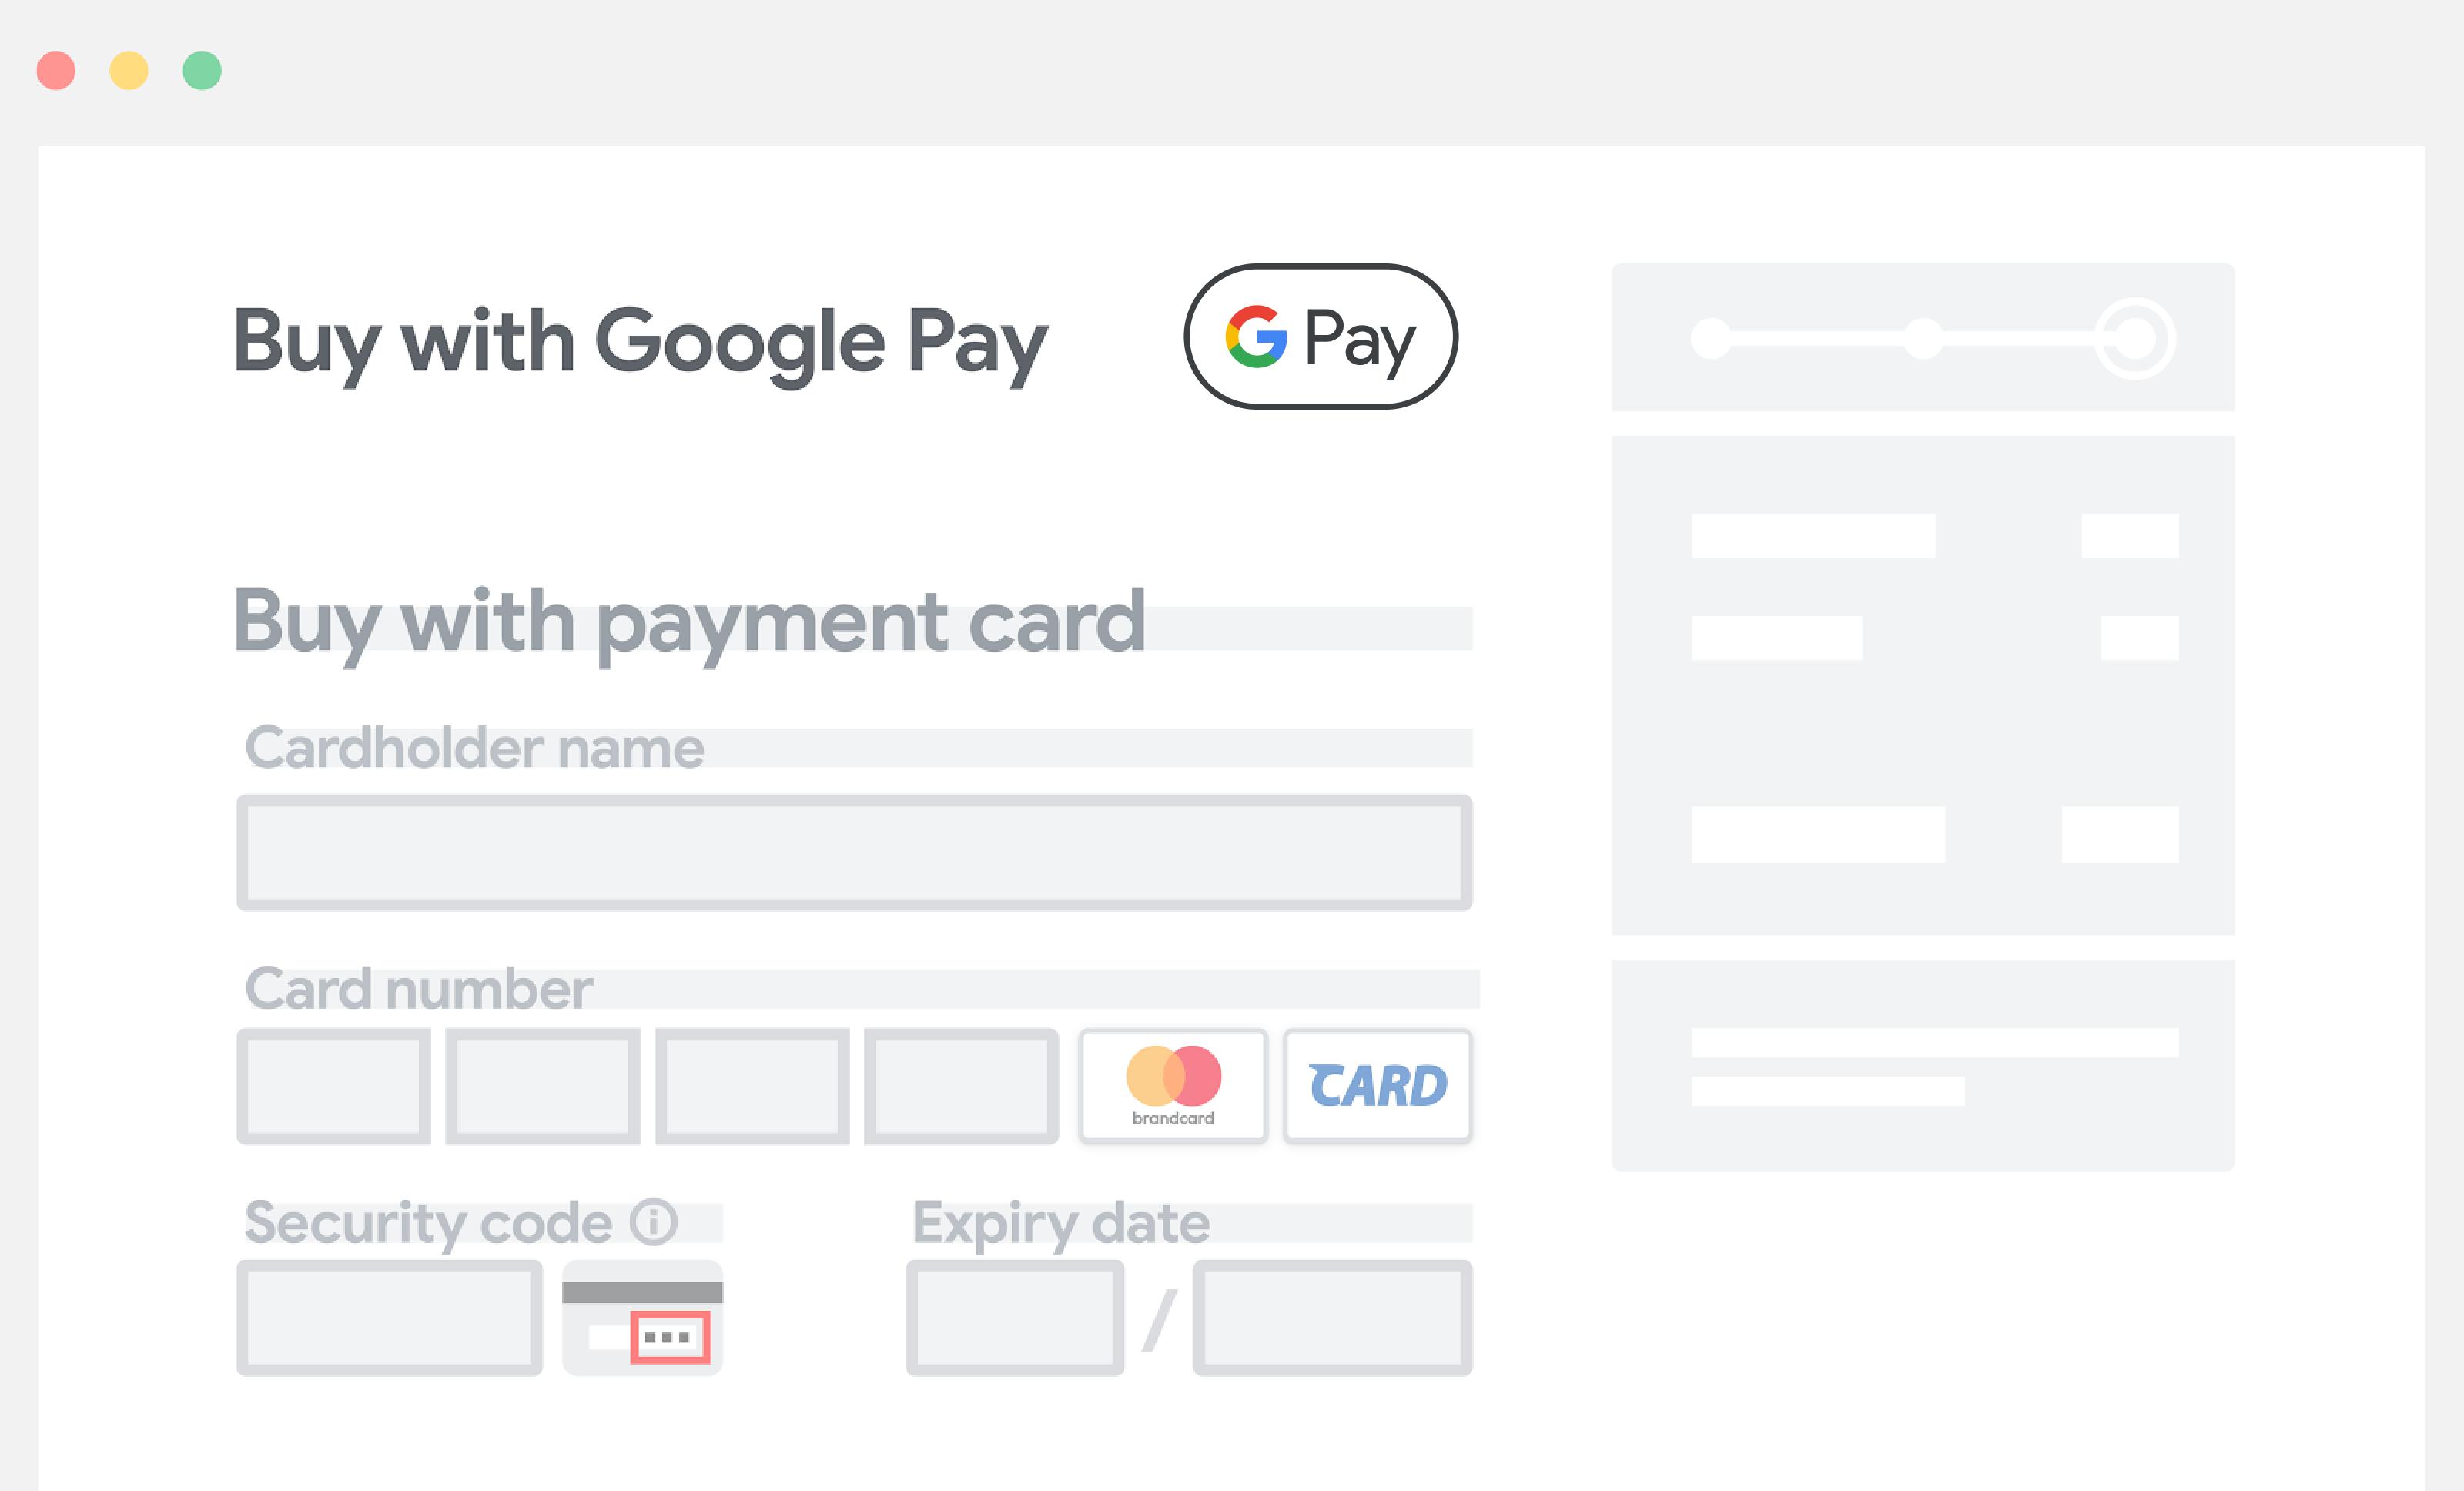 Над разделом, где нужно вводить платежную информацию